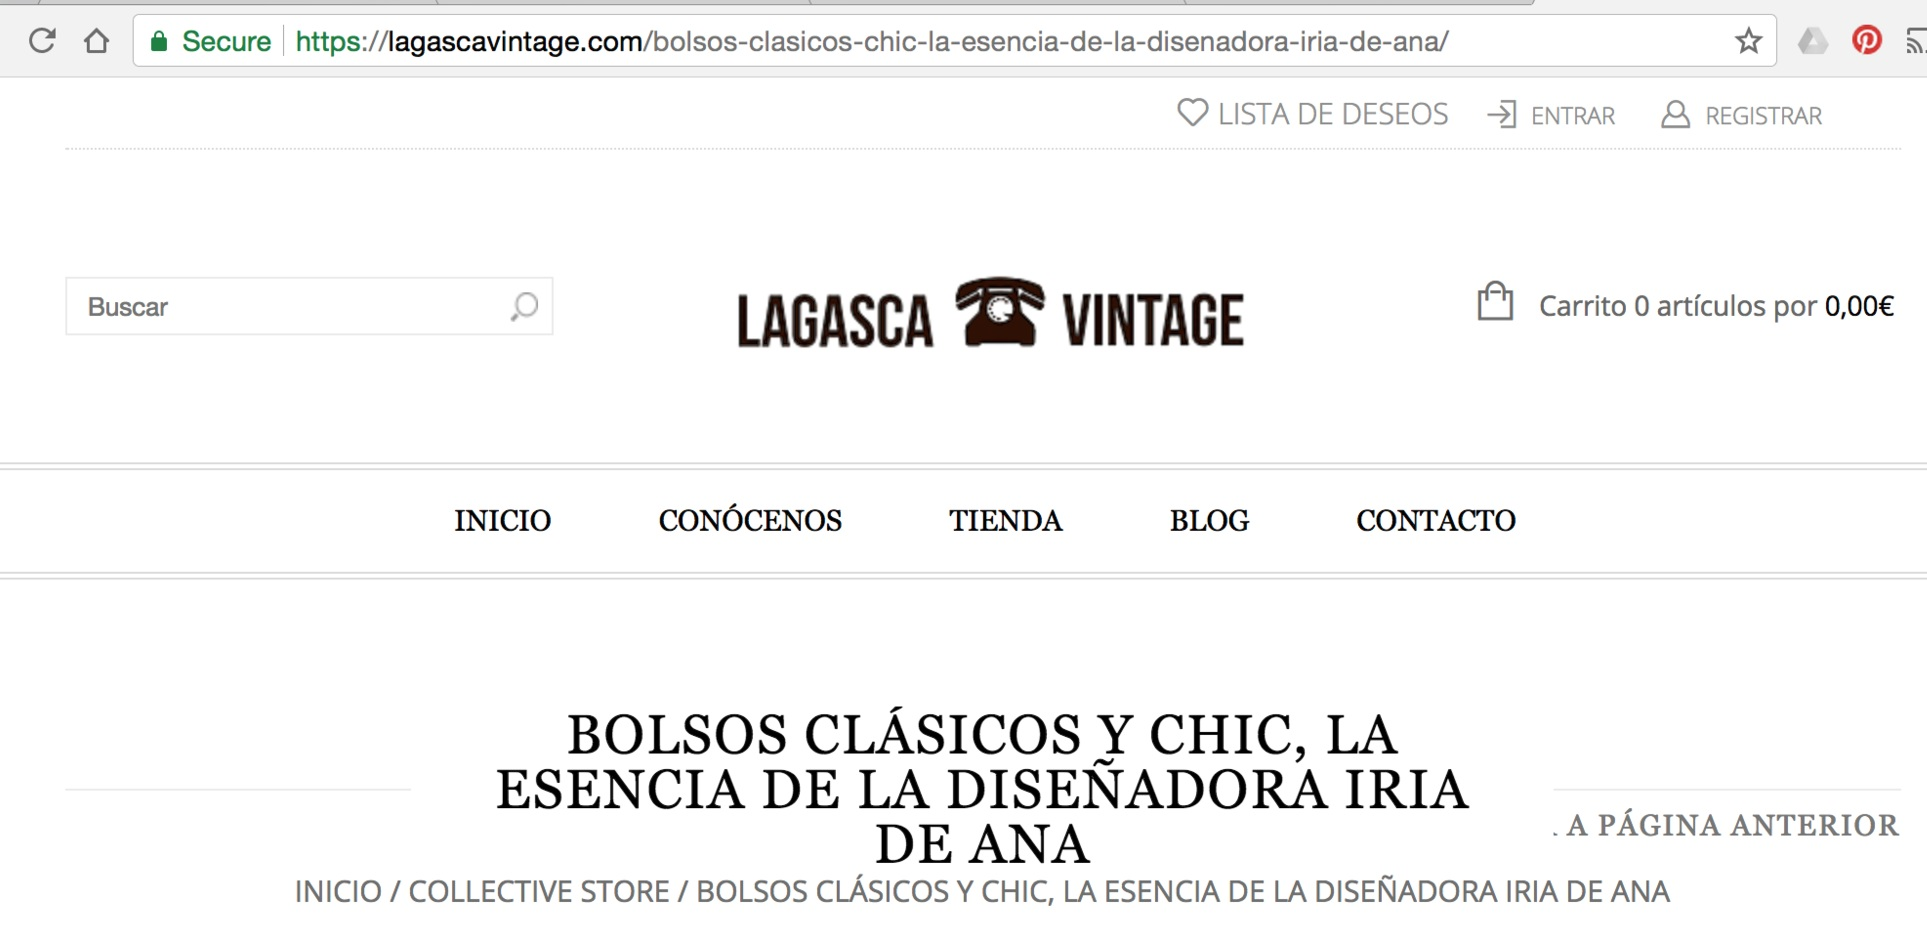 Lagasca Vintage's blog - https://lagascavintage.com/bolsos-clasicos-chic-la-esencia-de-la-disenadora-iria-de-ana/